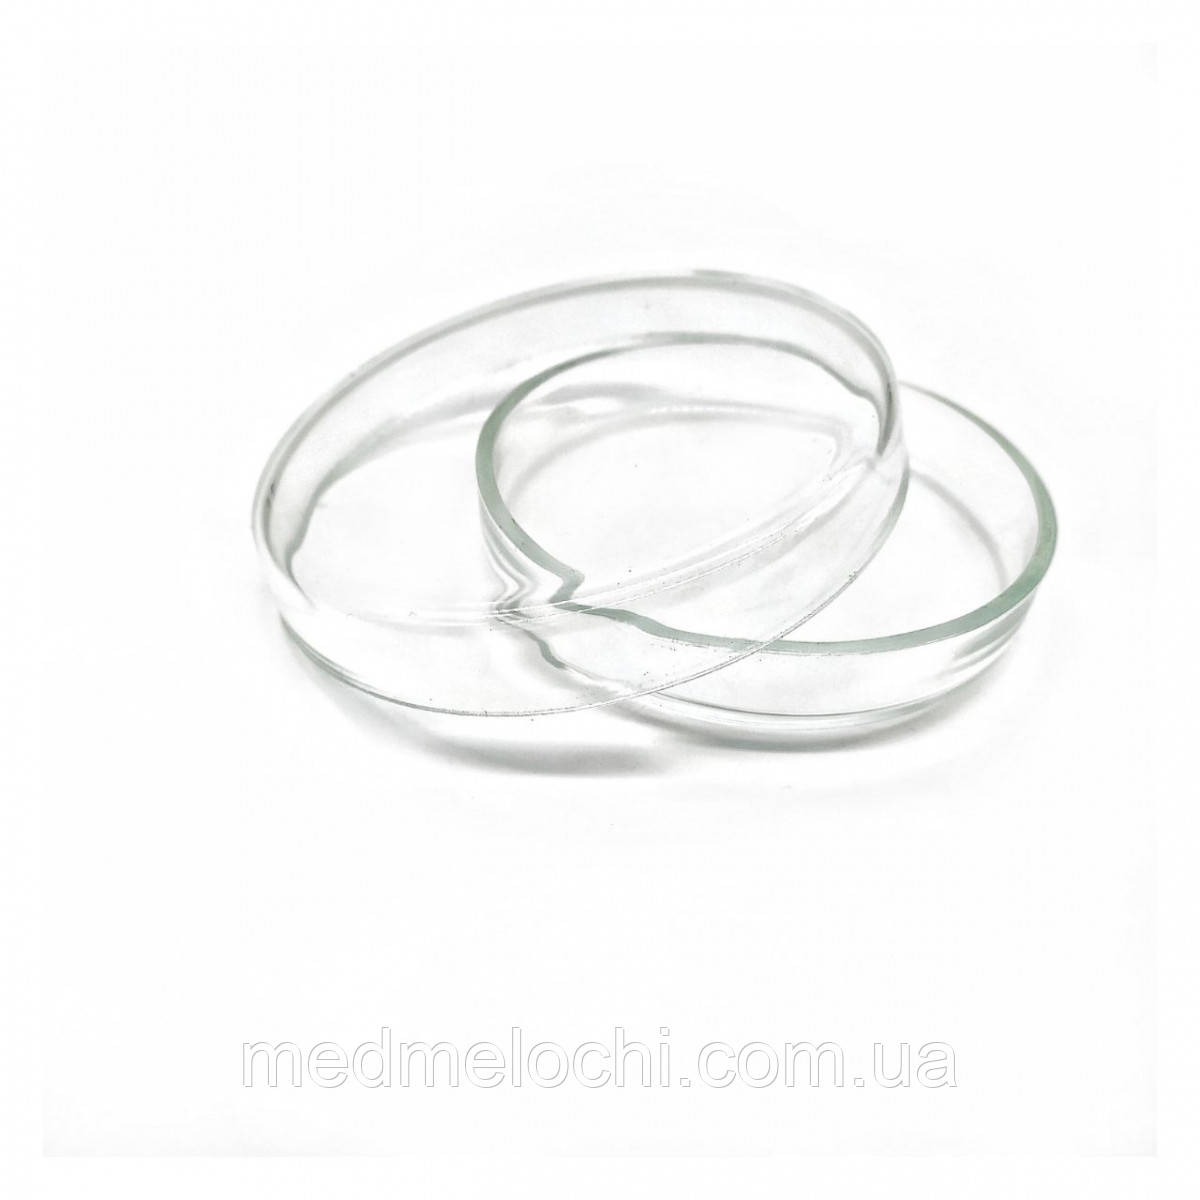 Чашка Петрі 100х20, скляна